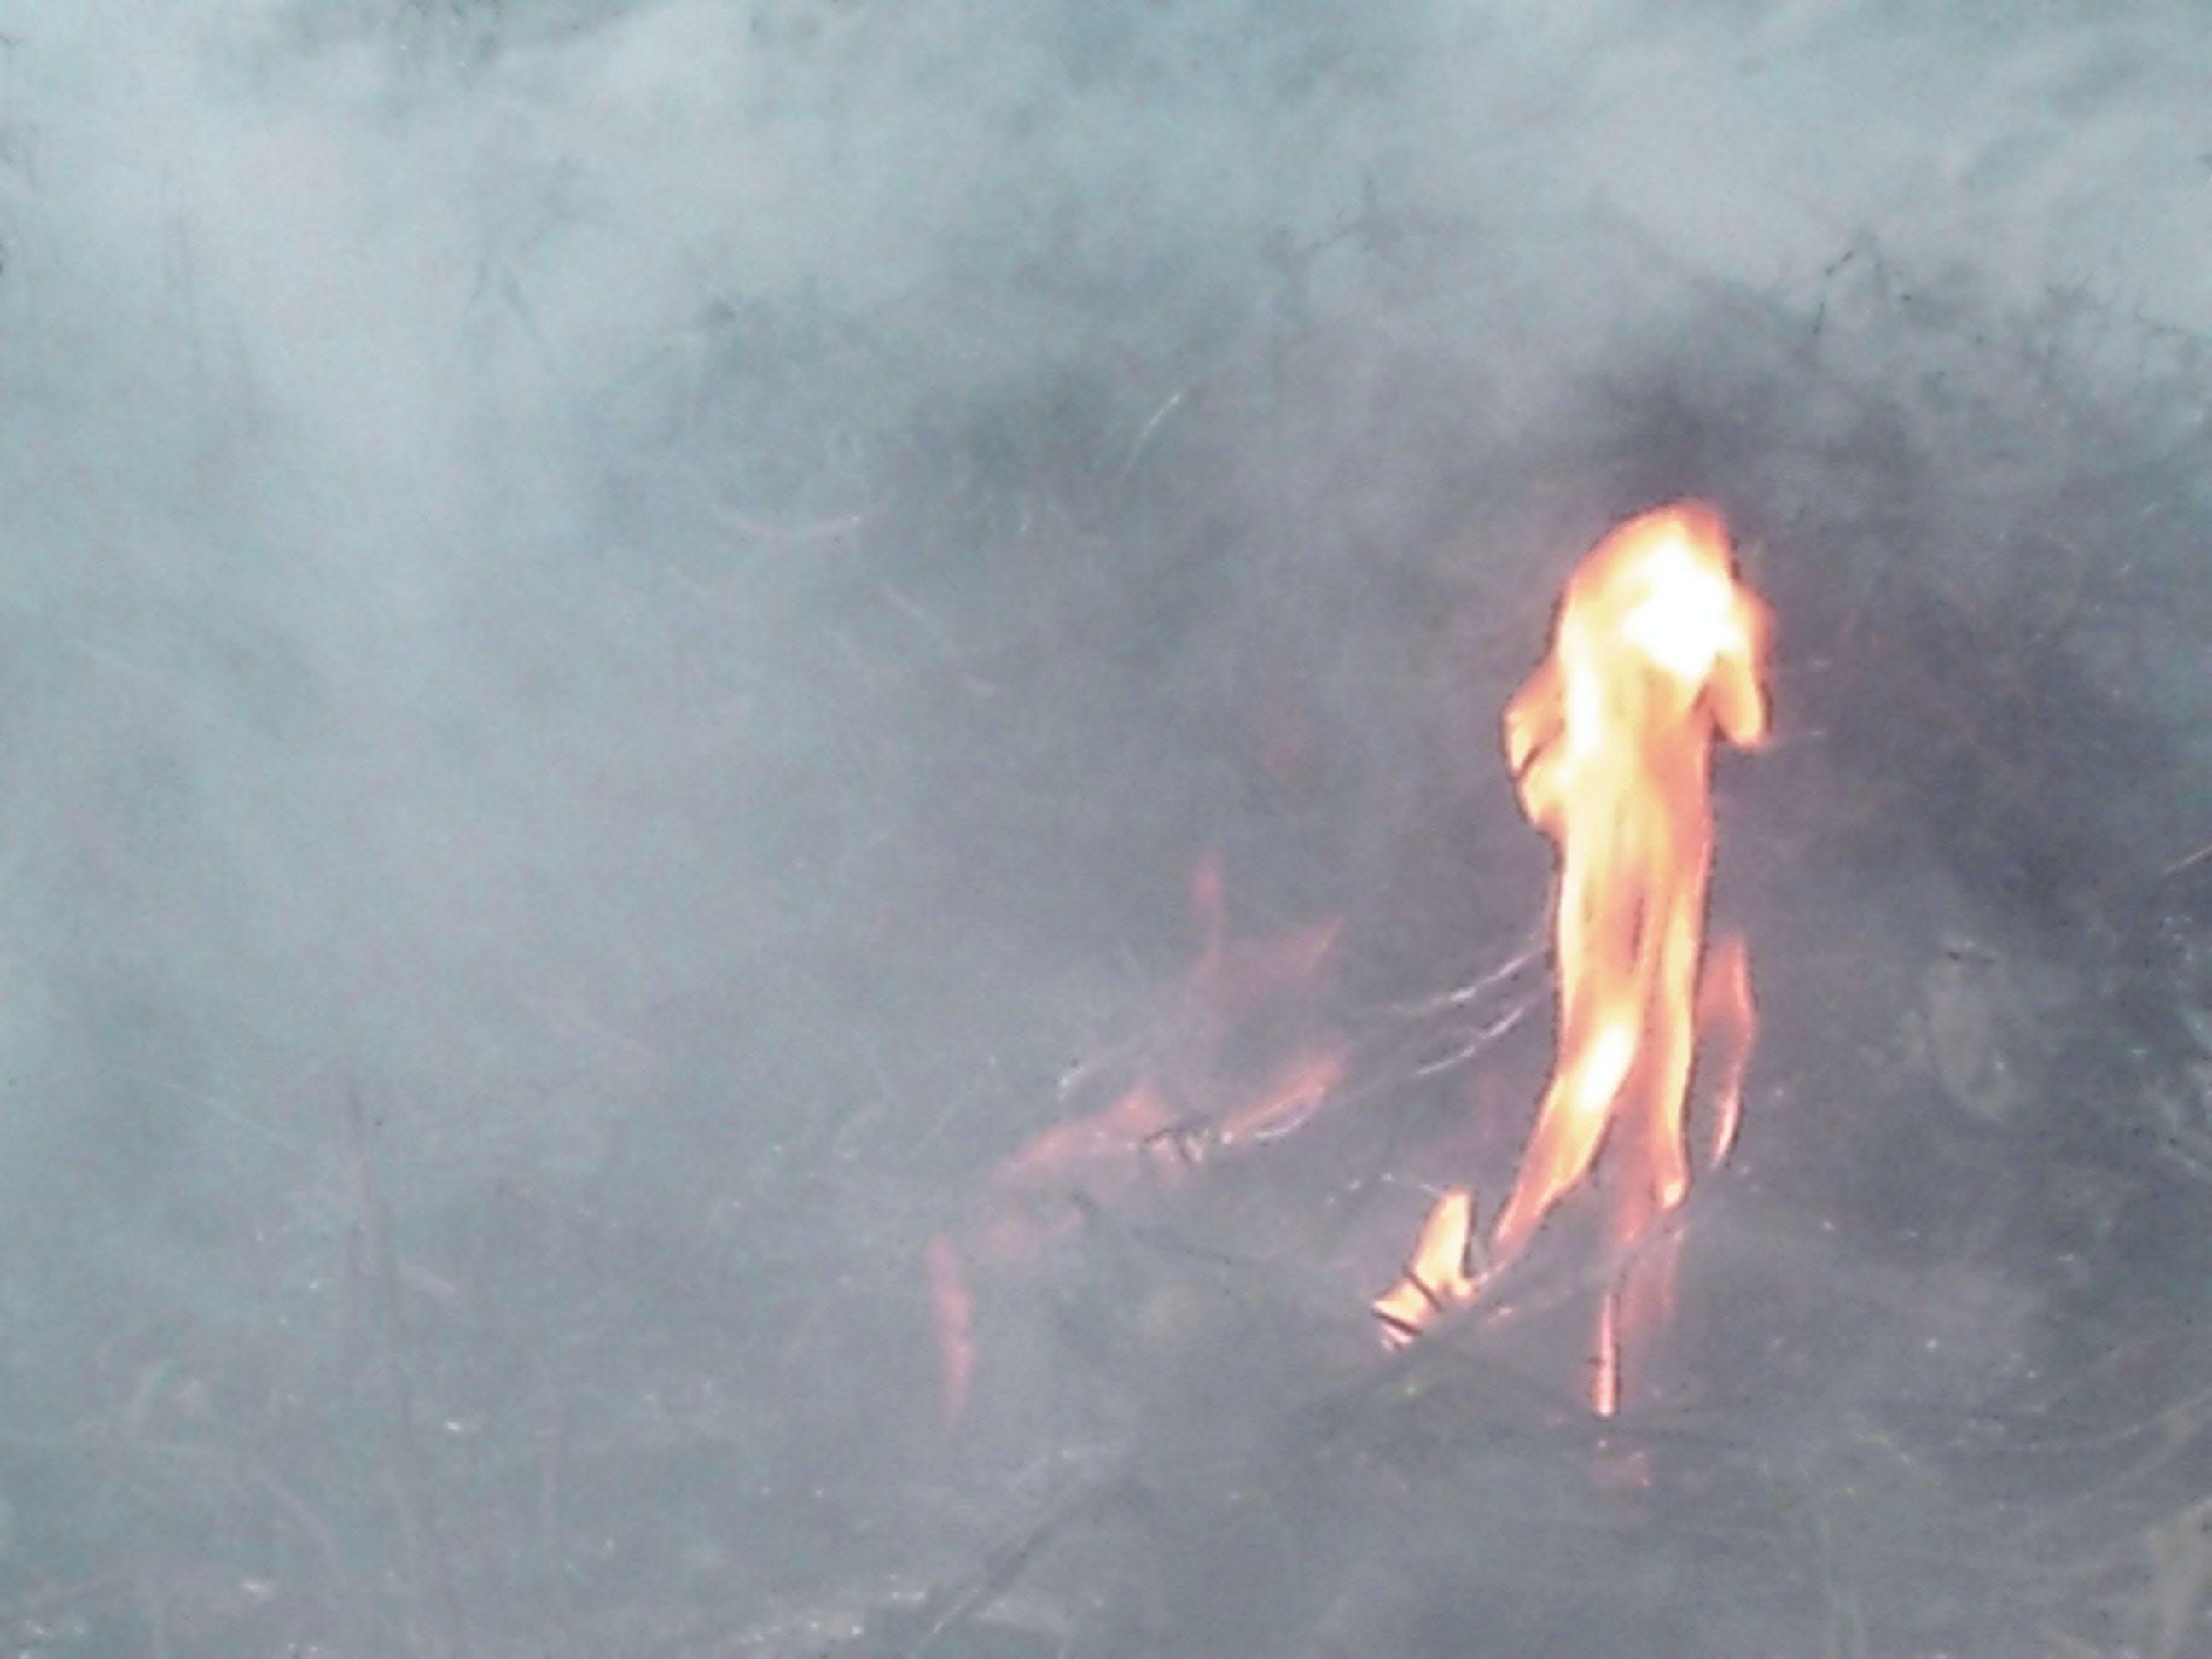 Free stock photo of fire, fire escape, firearm, fireplace